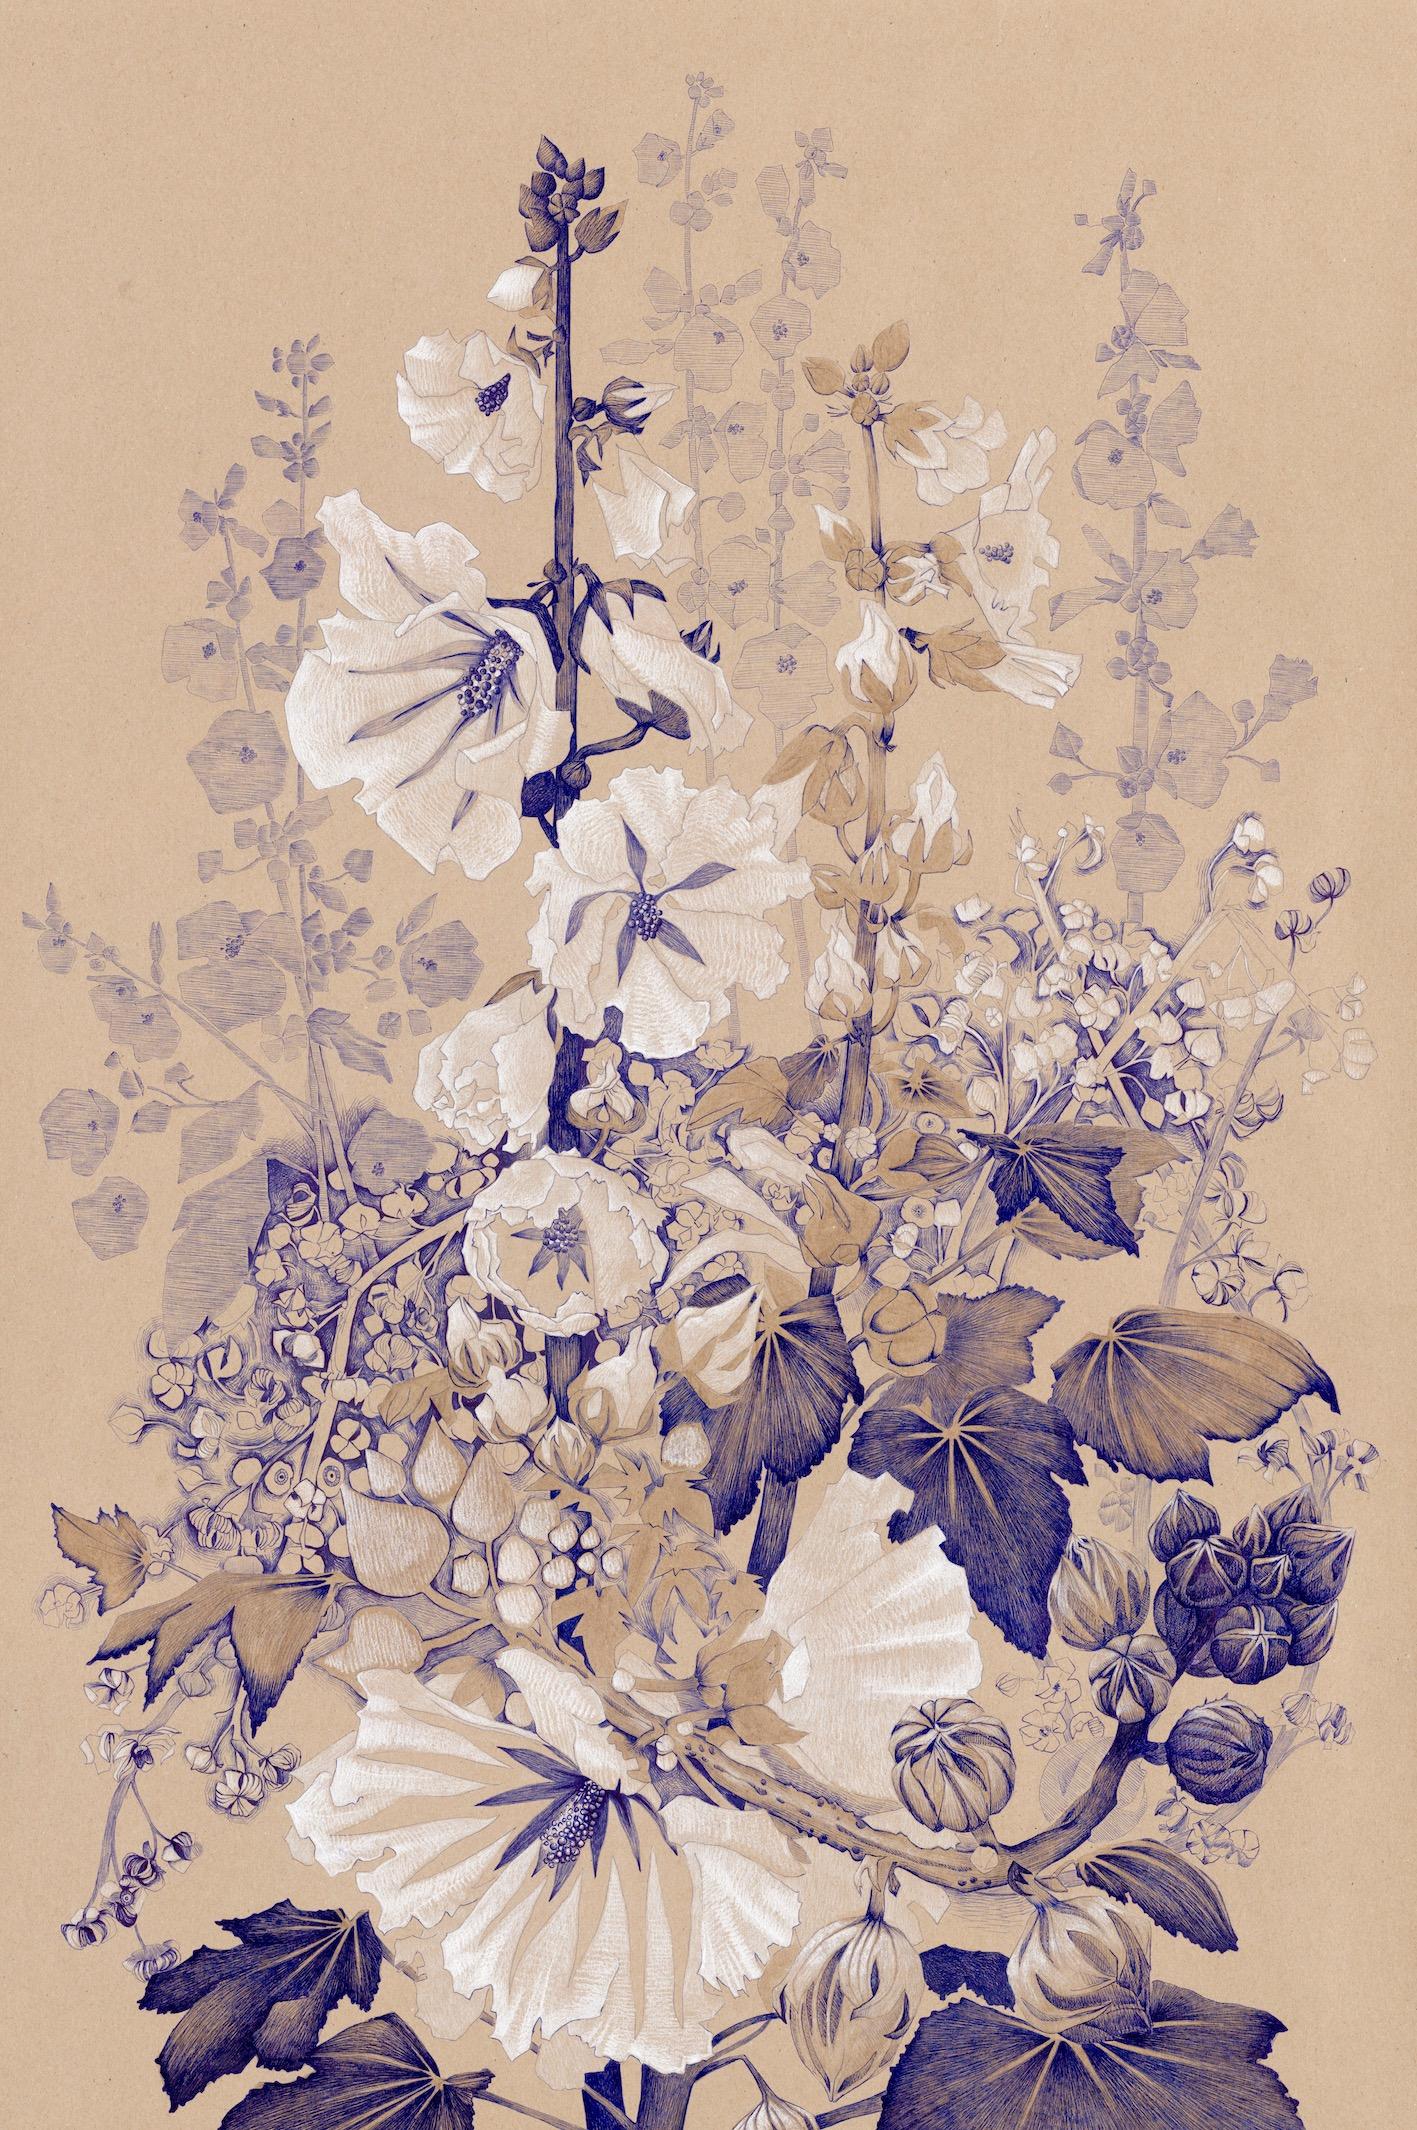 Manuela Bianco hollyhocks lookatie364 kunstpost